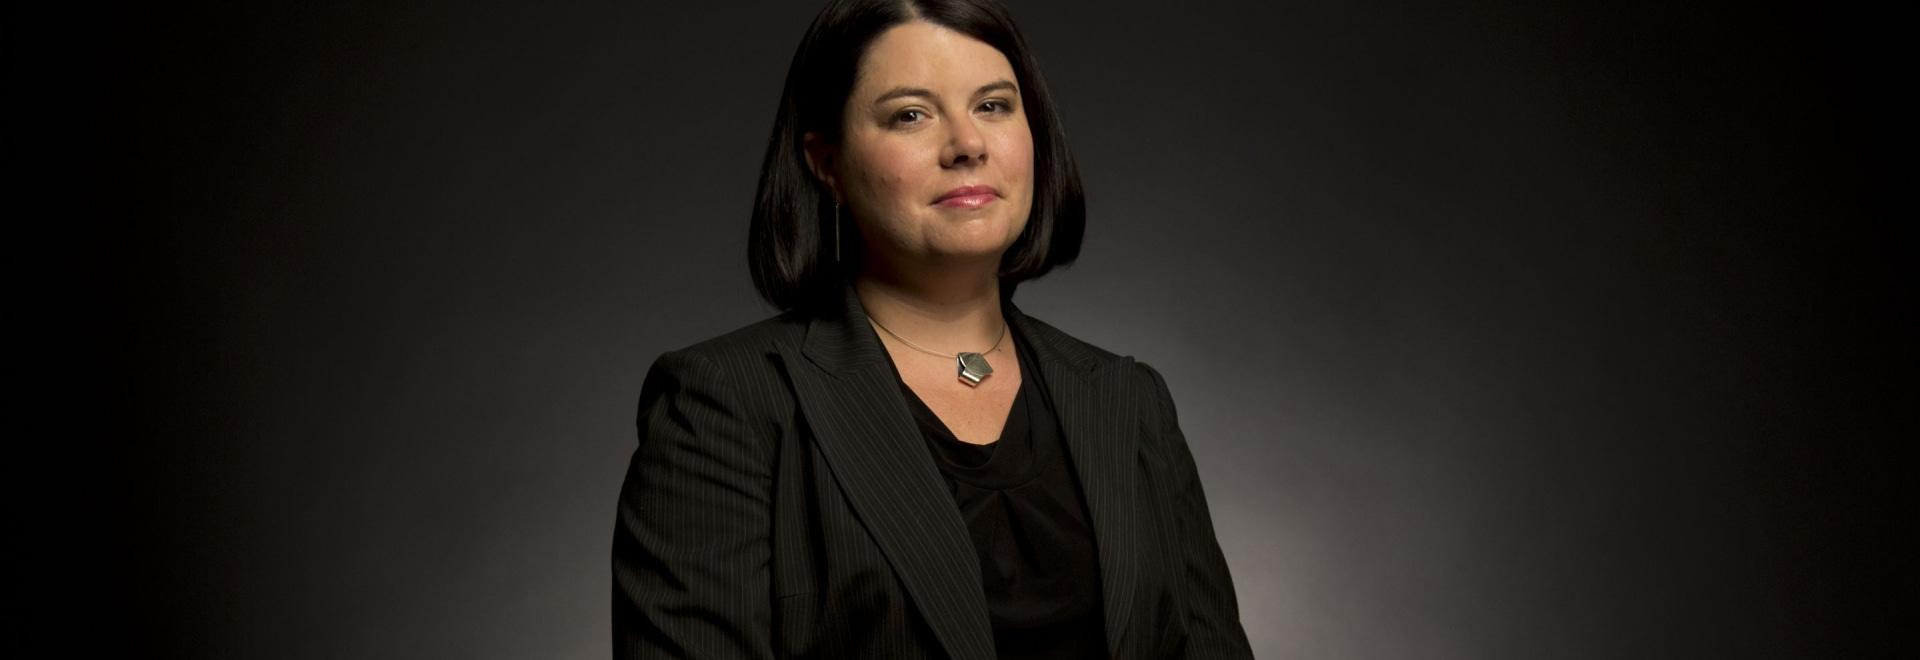 ¿Arquitectos del arsenal? Laura principal Morris designado a la academia americana de junta directiva de diseñadores interiores del cuidado médico